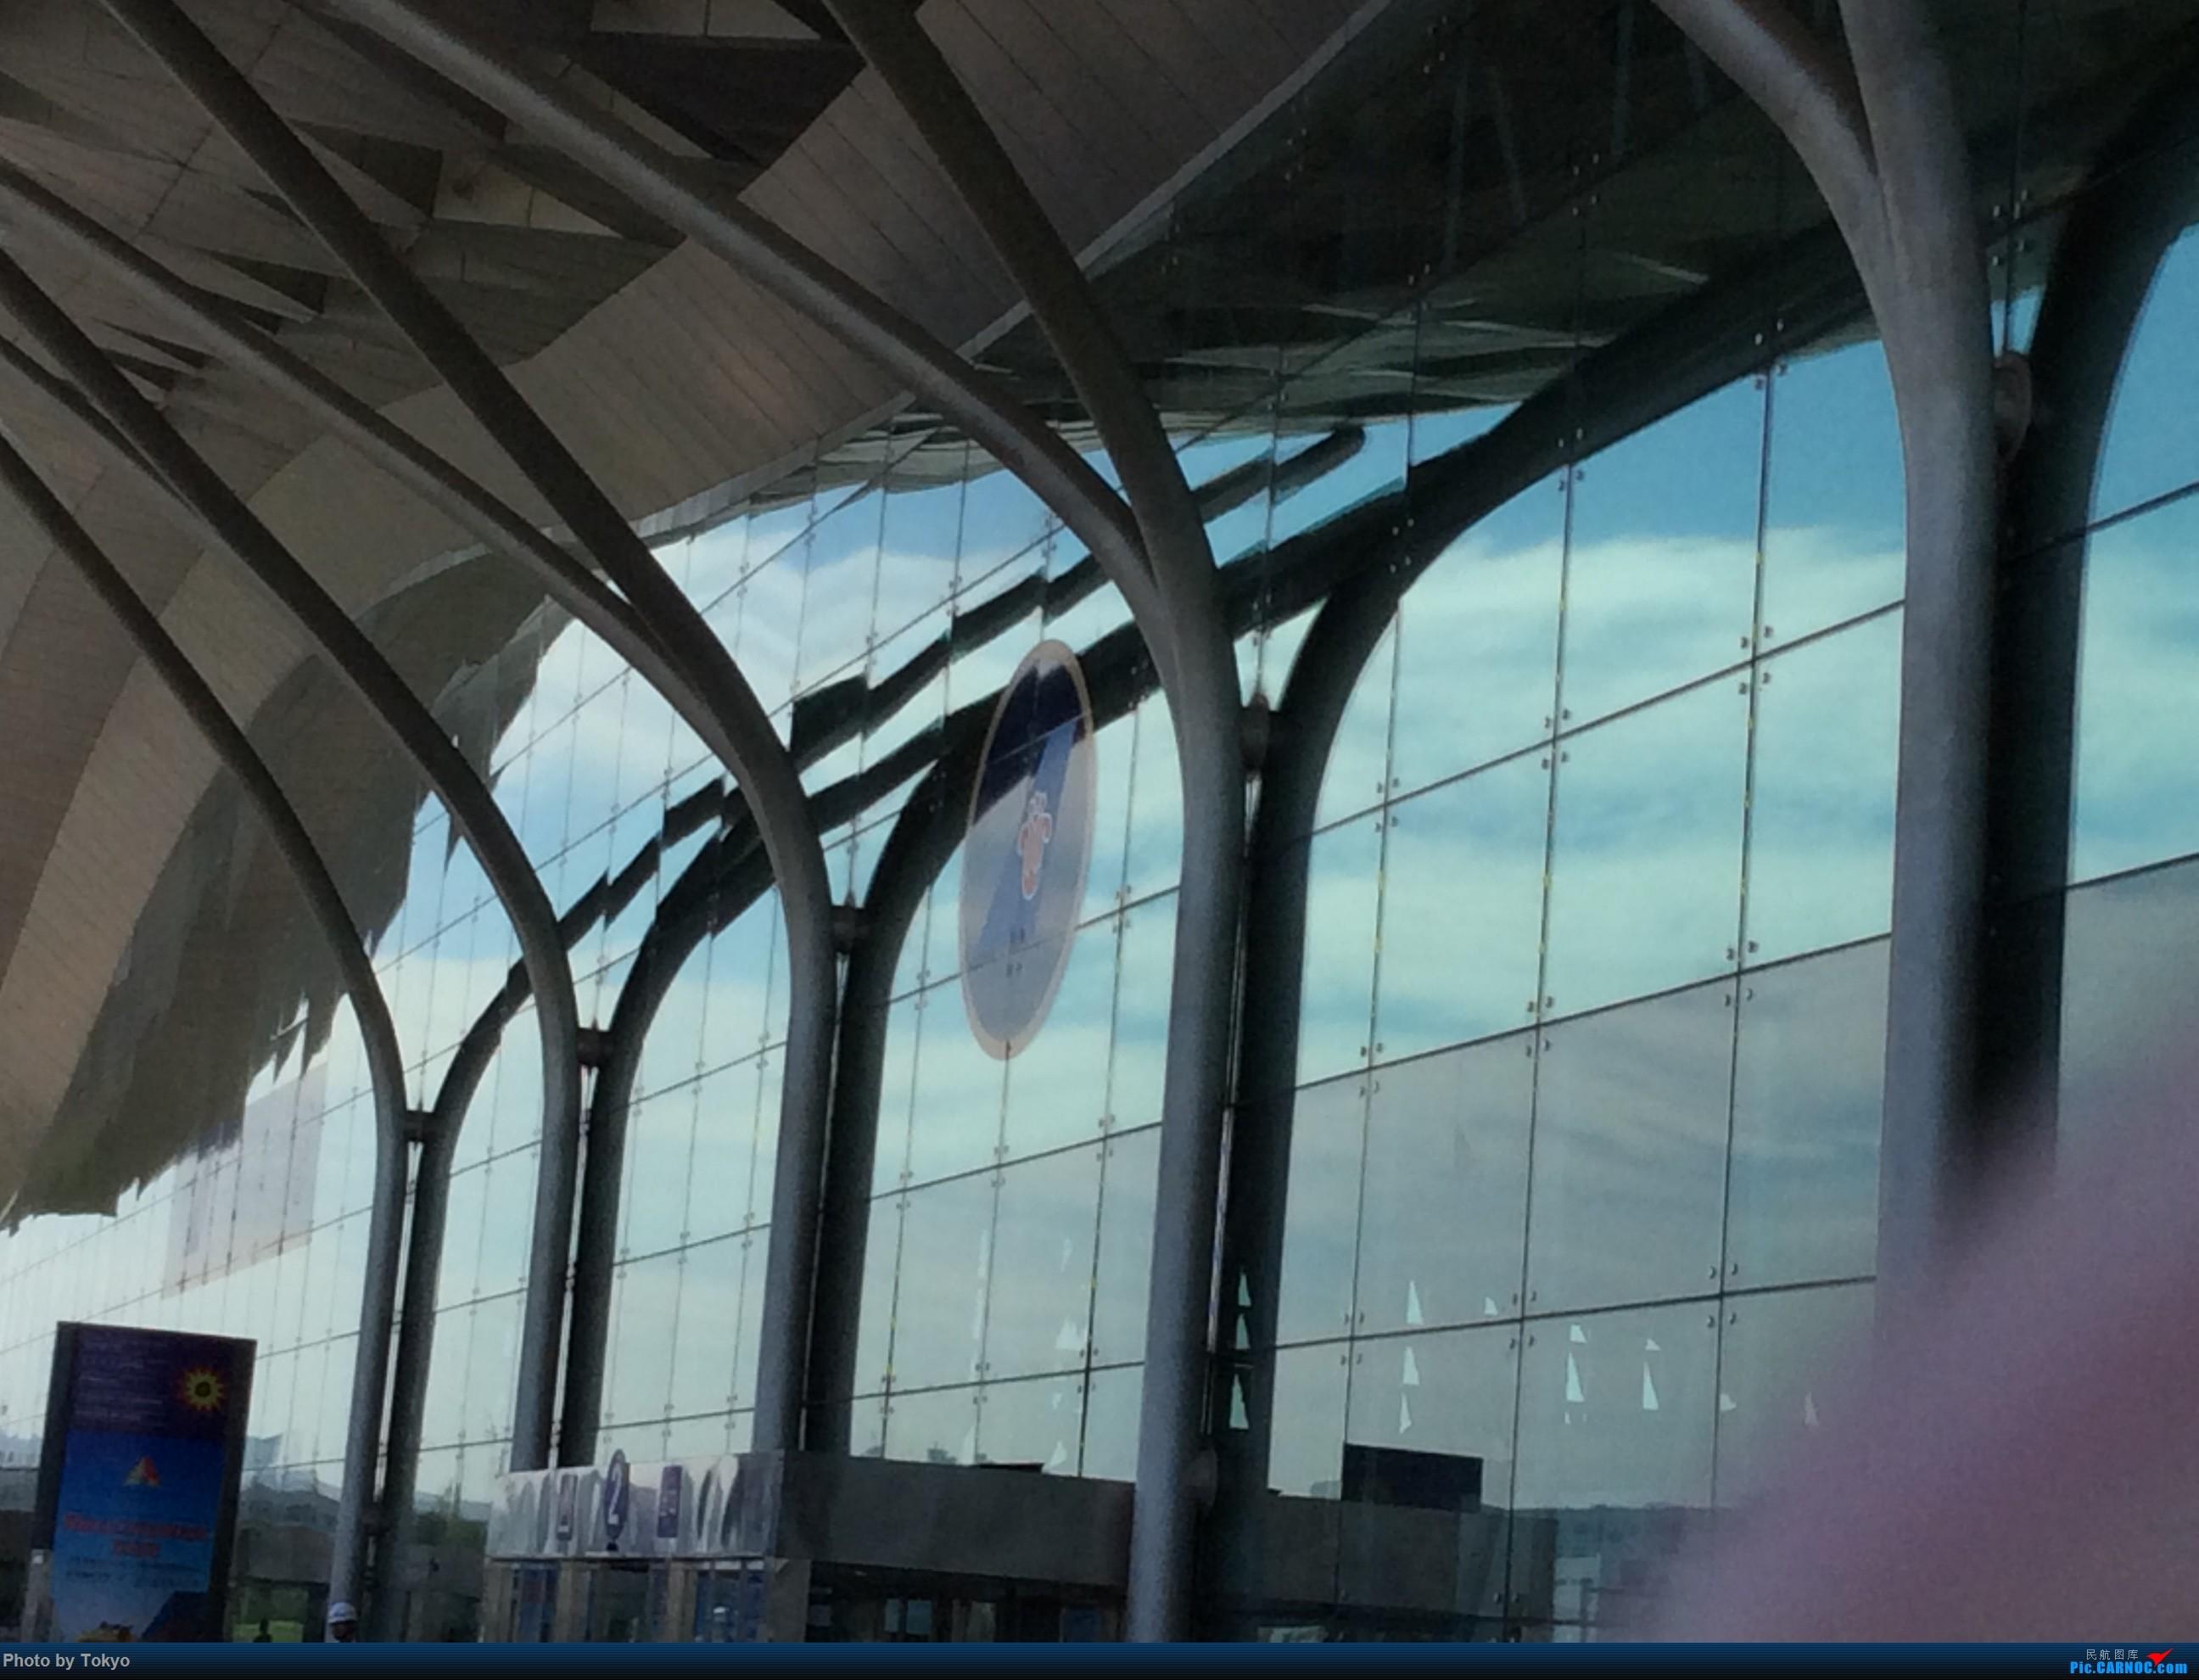 乌鲁木齐地窝堡(pu)国际机场